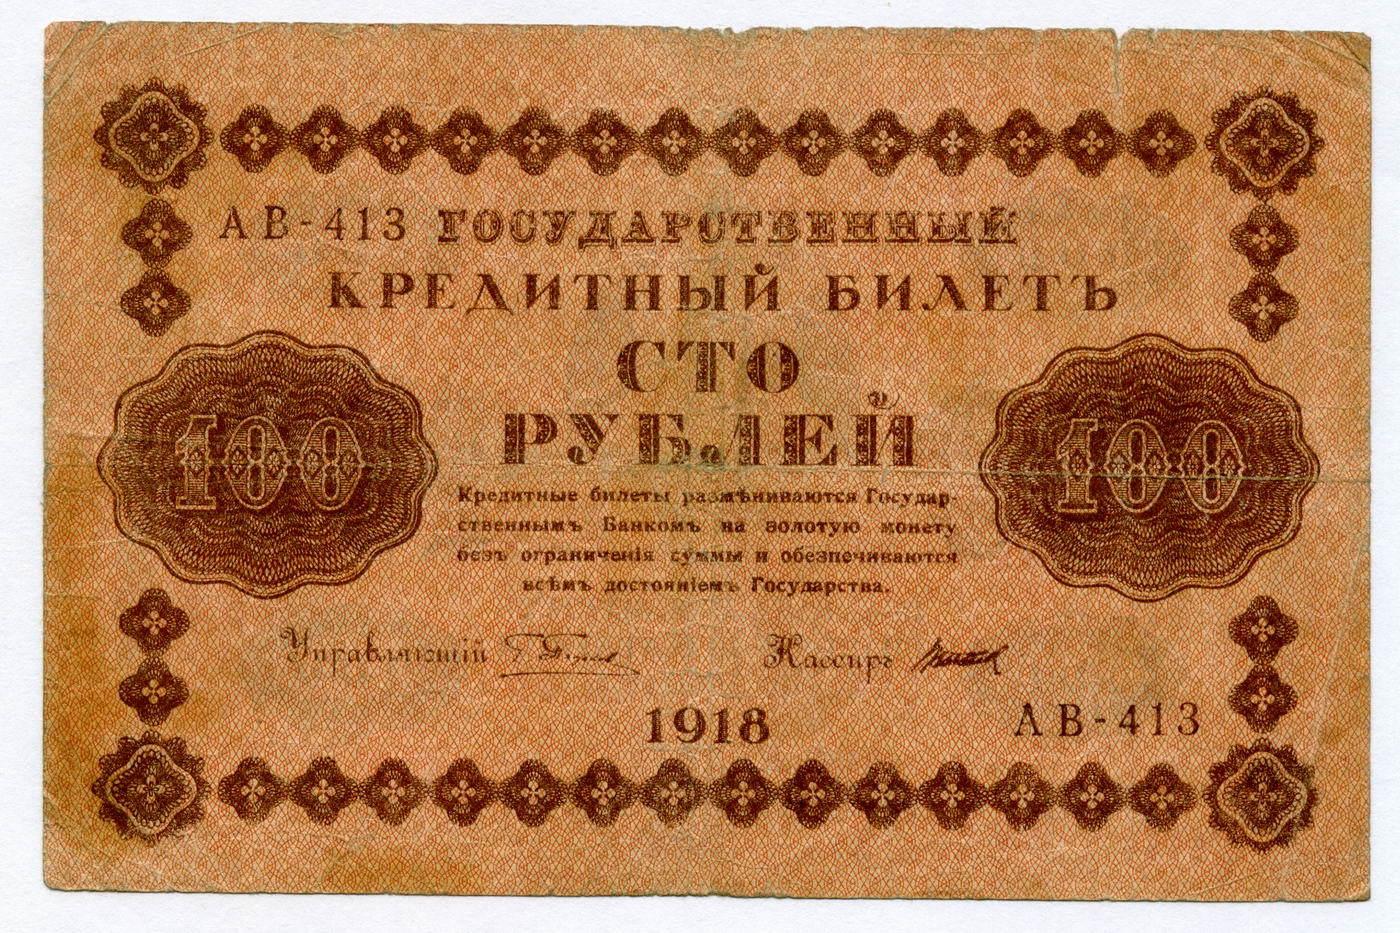 Кредитный билет 100 рублей 1918 года. Кассир Титов (серия АВ-413). F